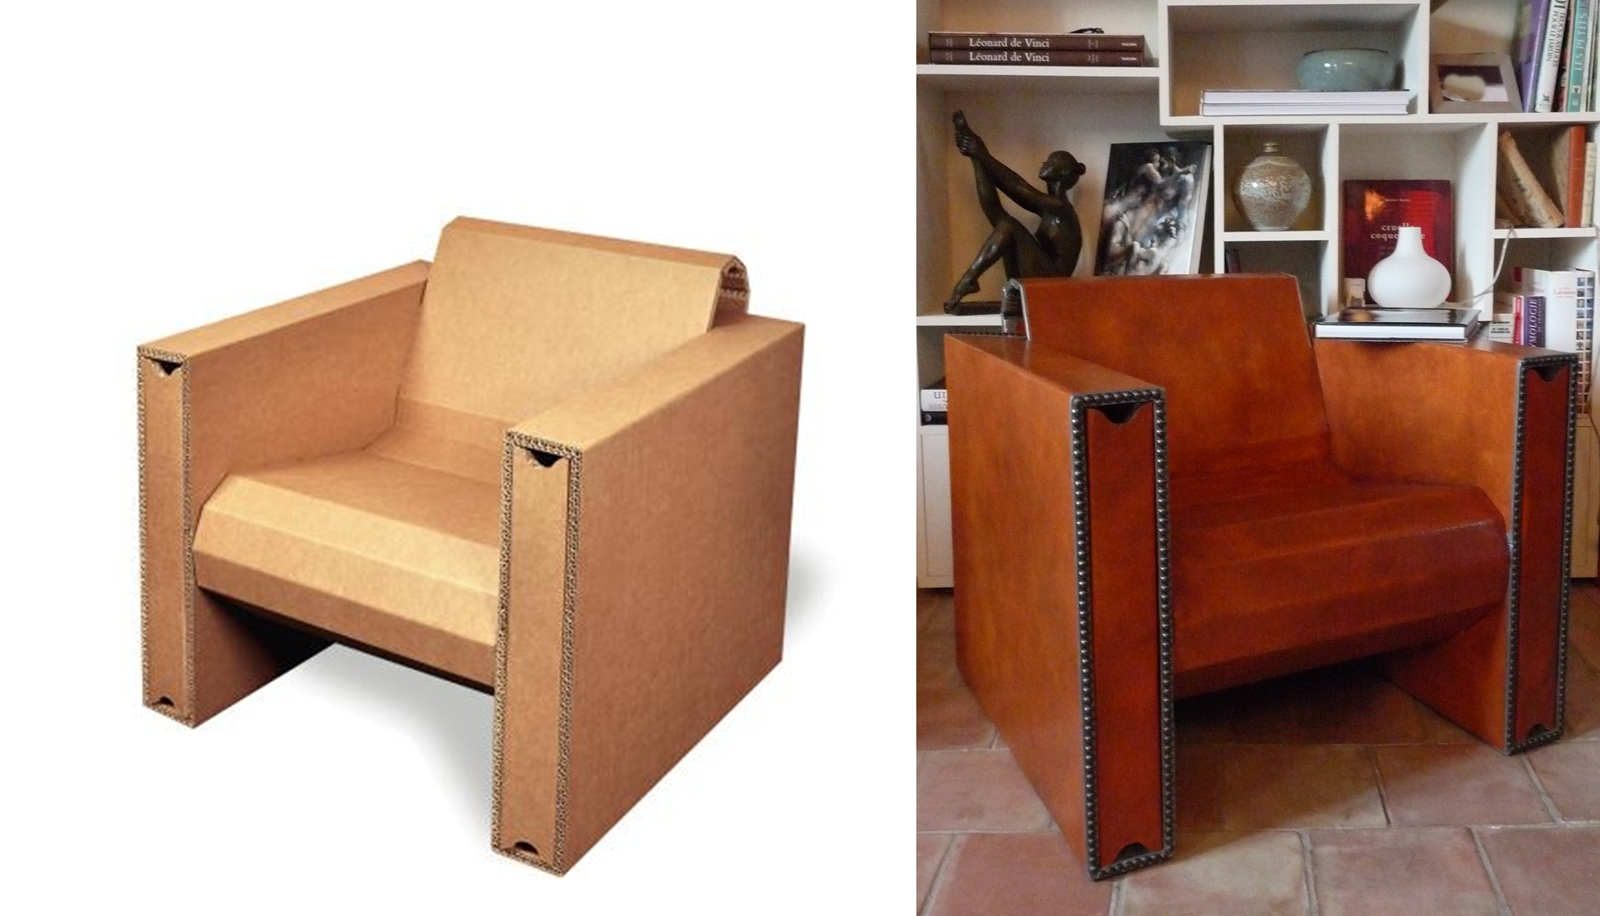 Vente meuble en carton meubles en carton vendre atelier for Meuble en carton